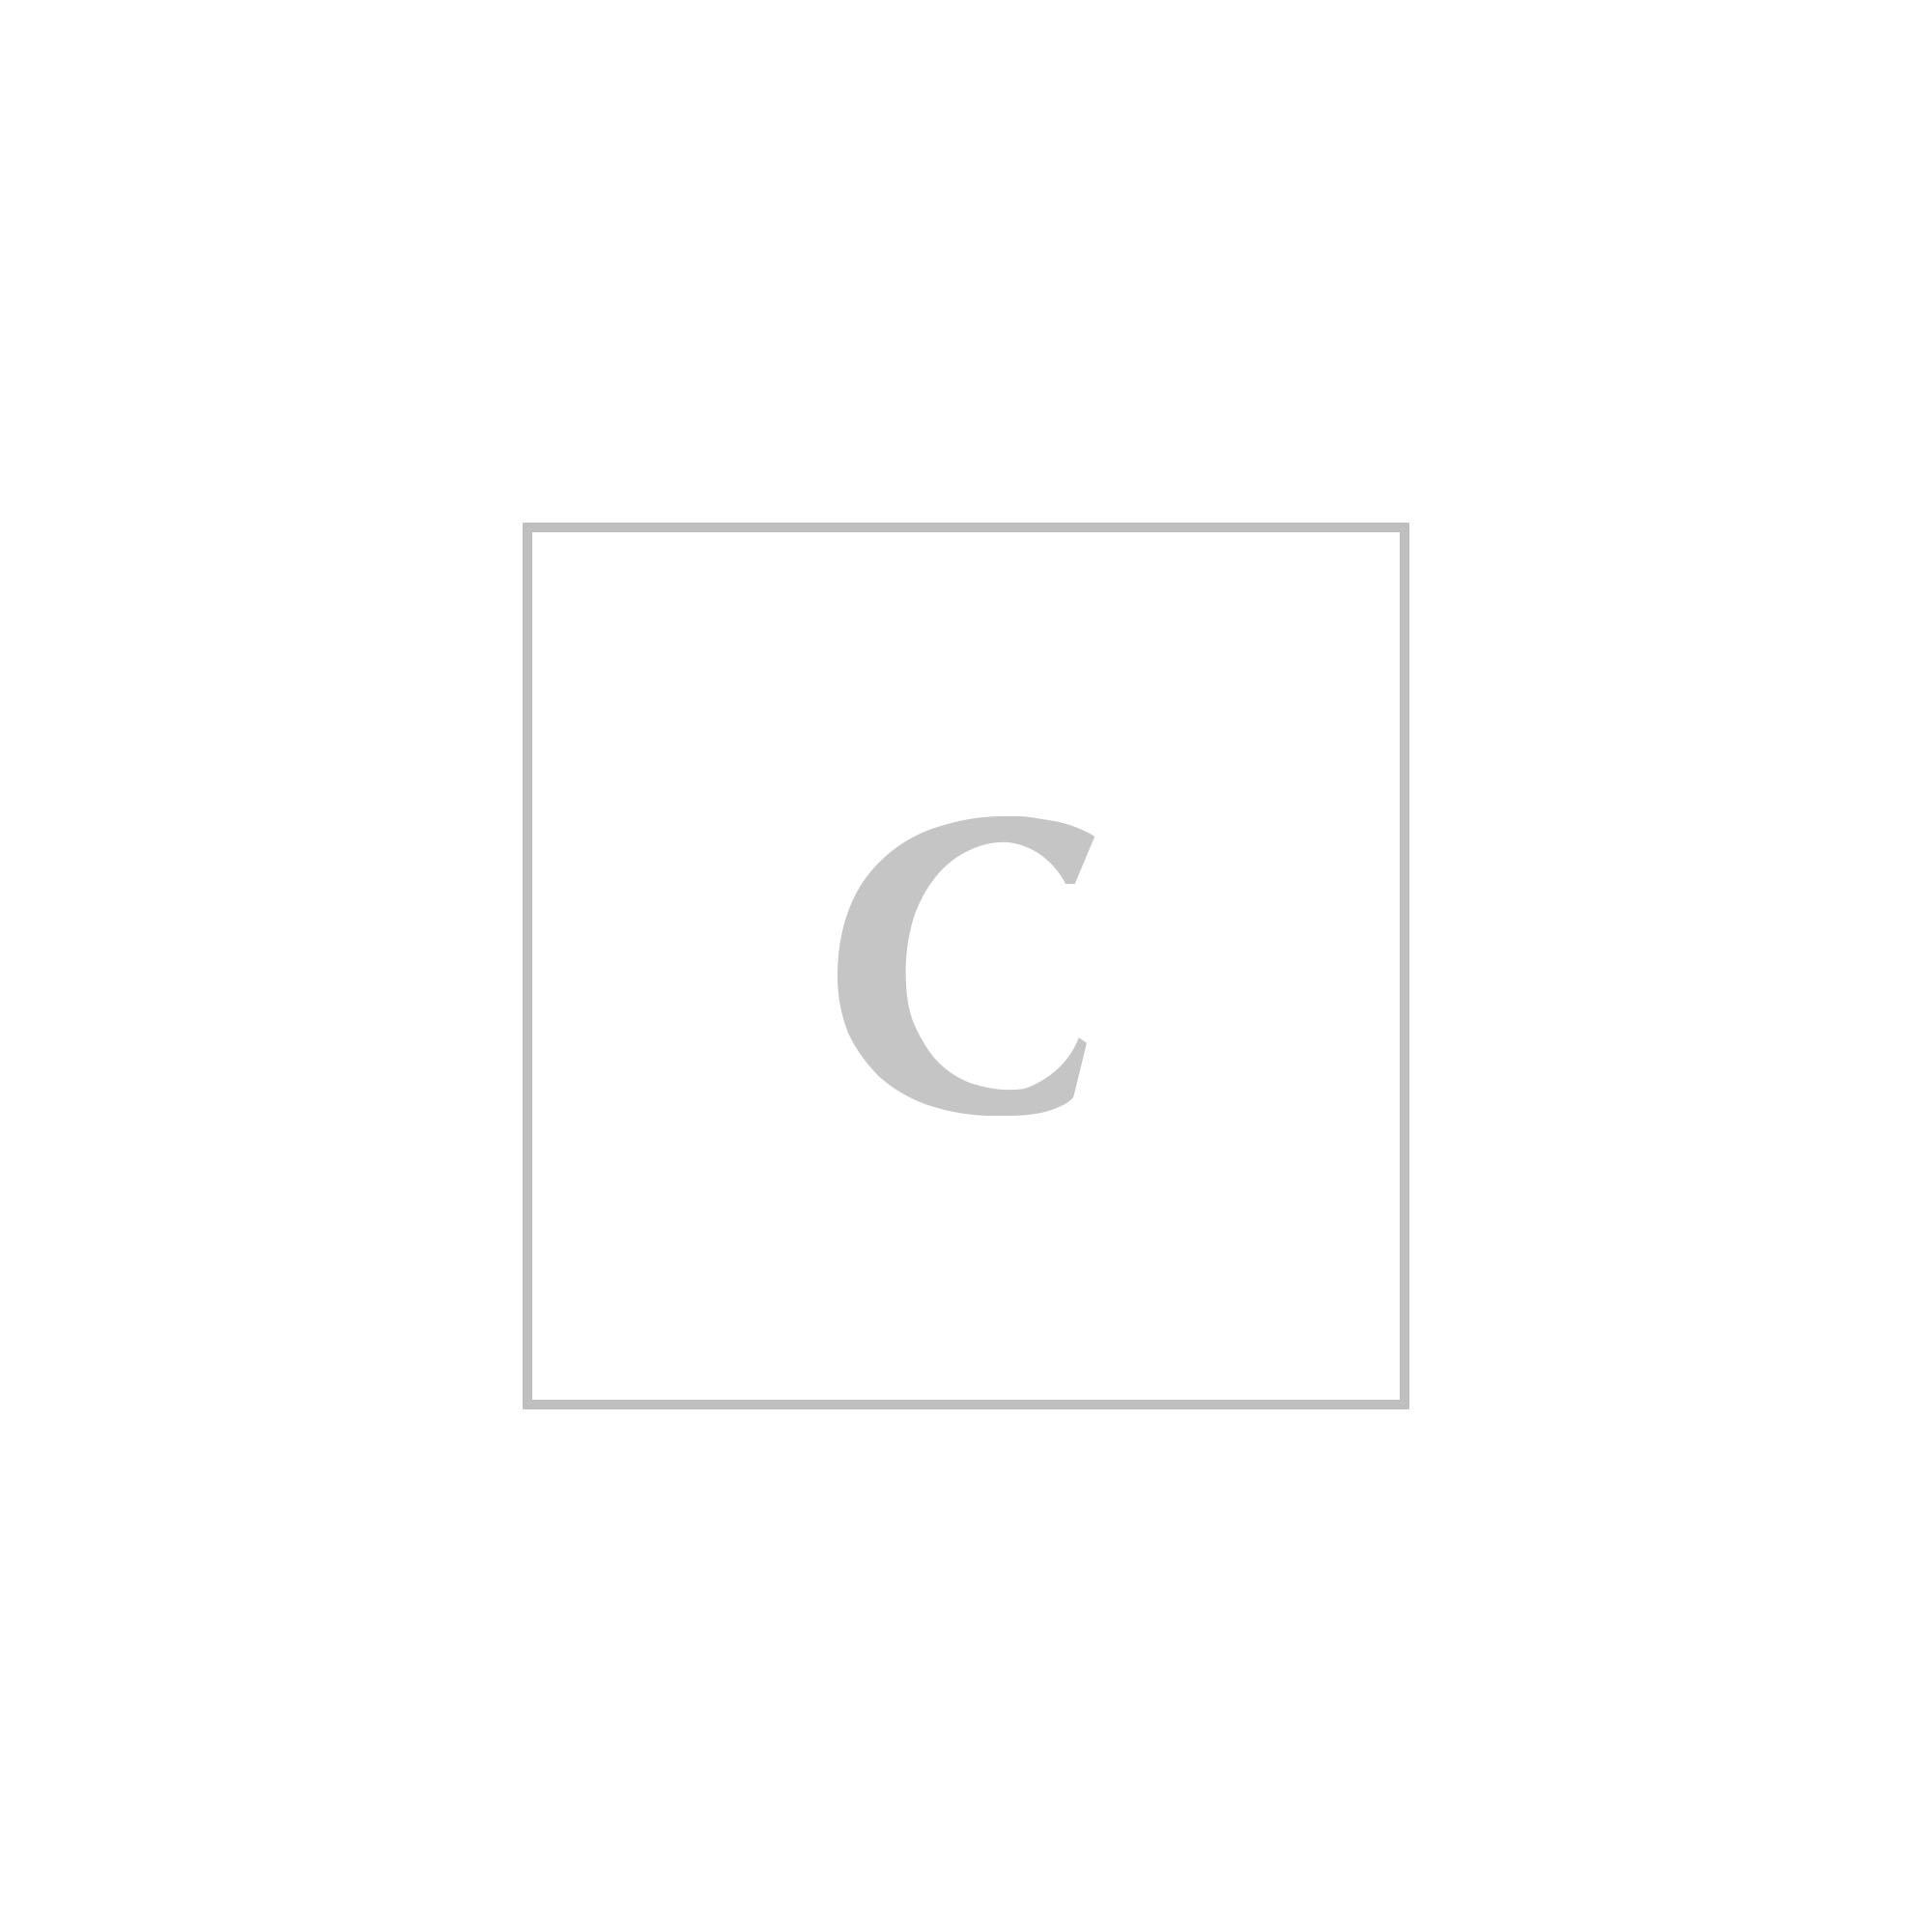 Piumini Coltorti Basic Uomo Boutique Bianco Da Moncler O7gwqx